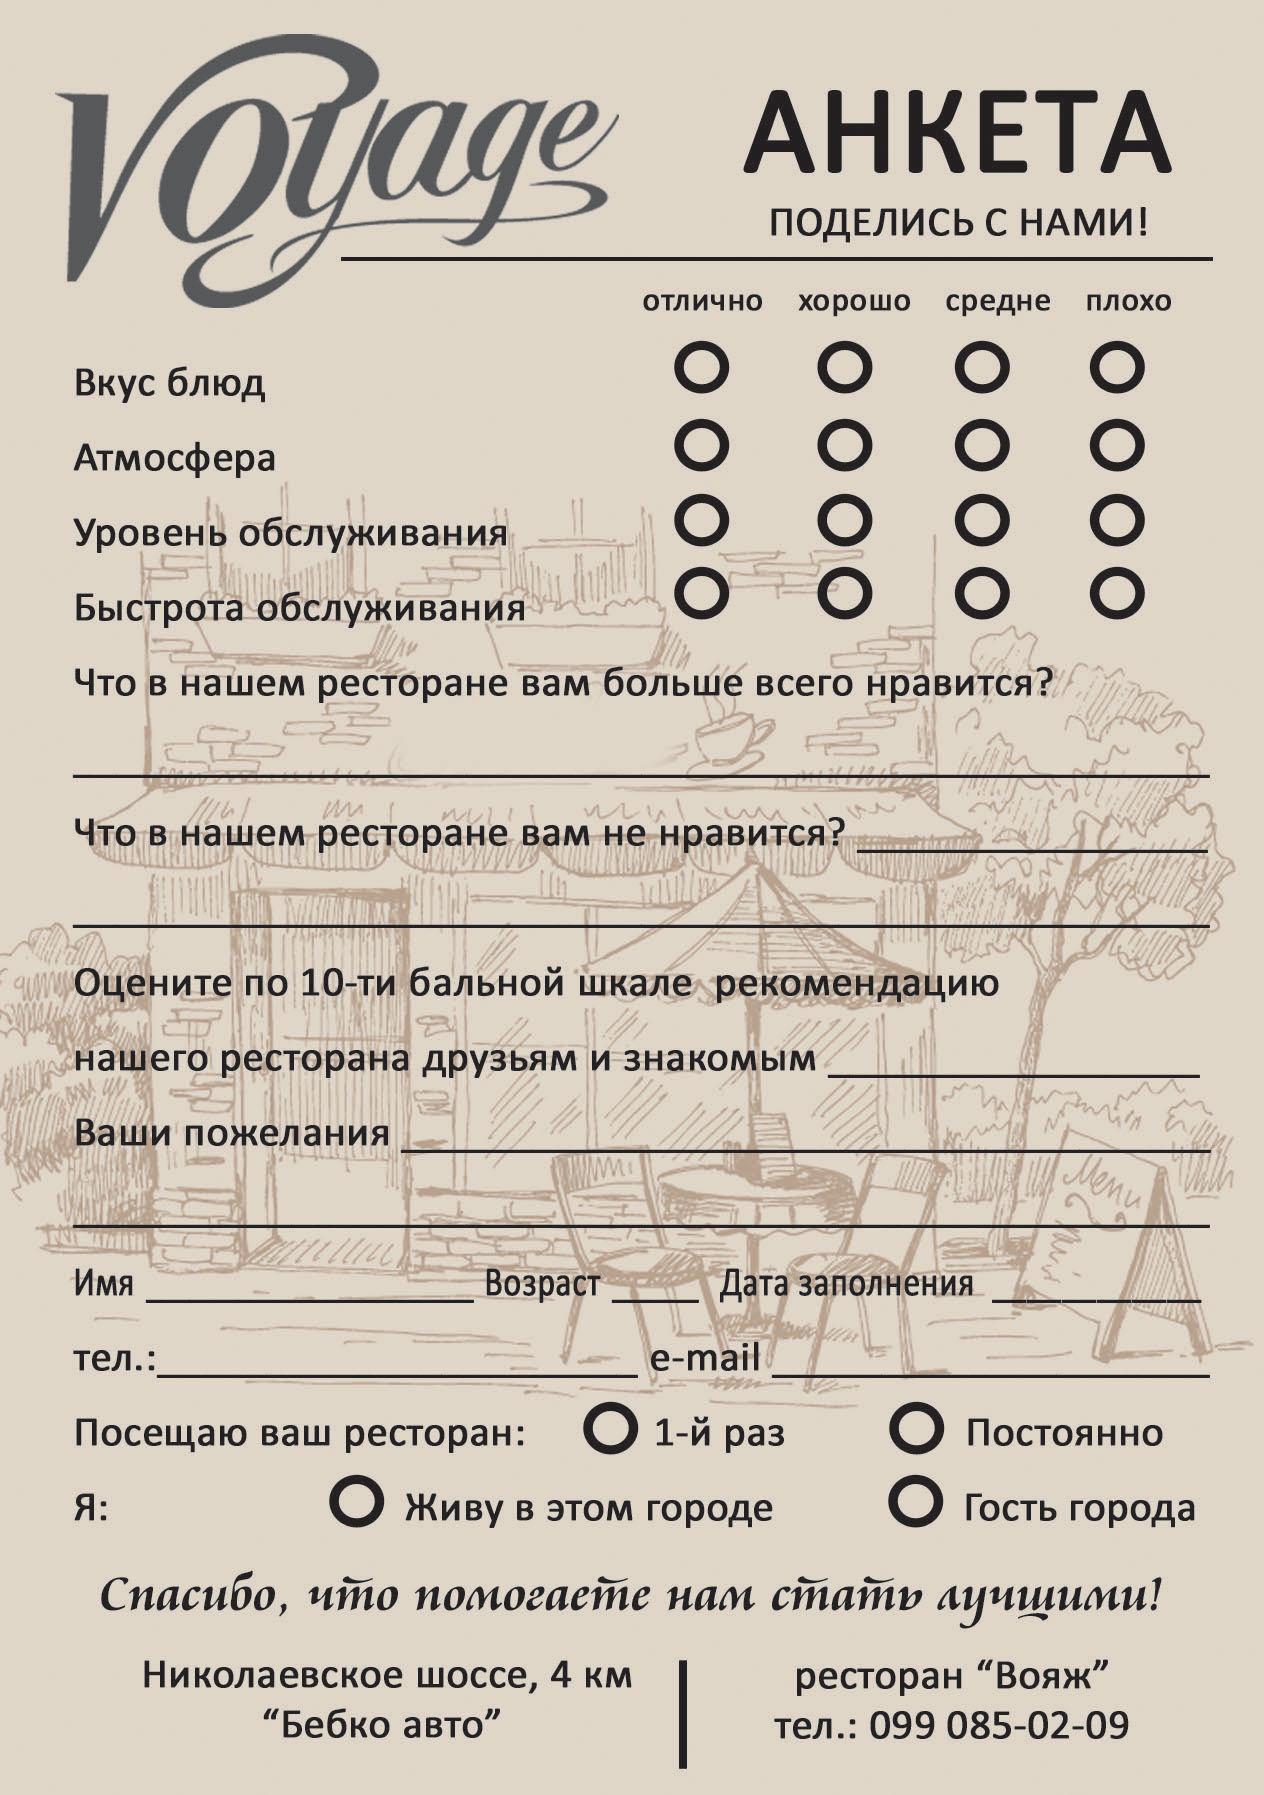 anketa-nizhney